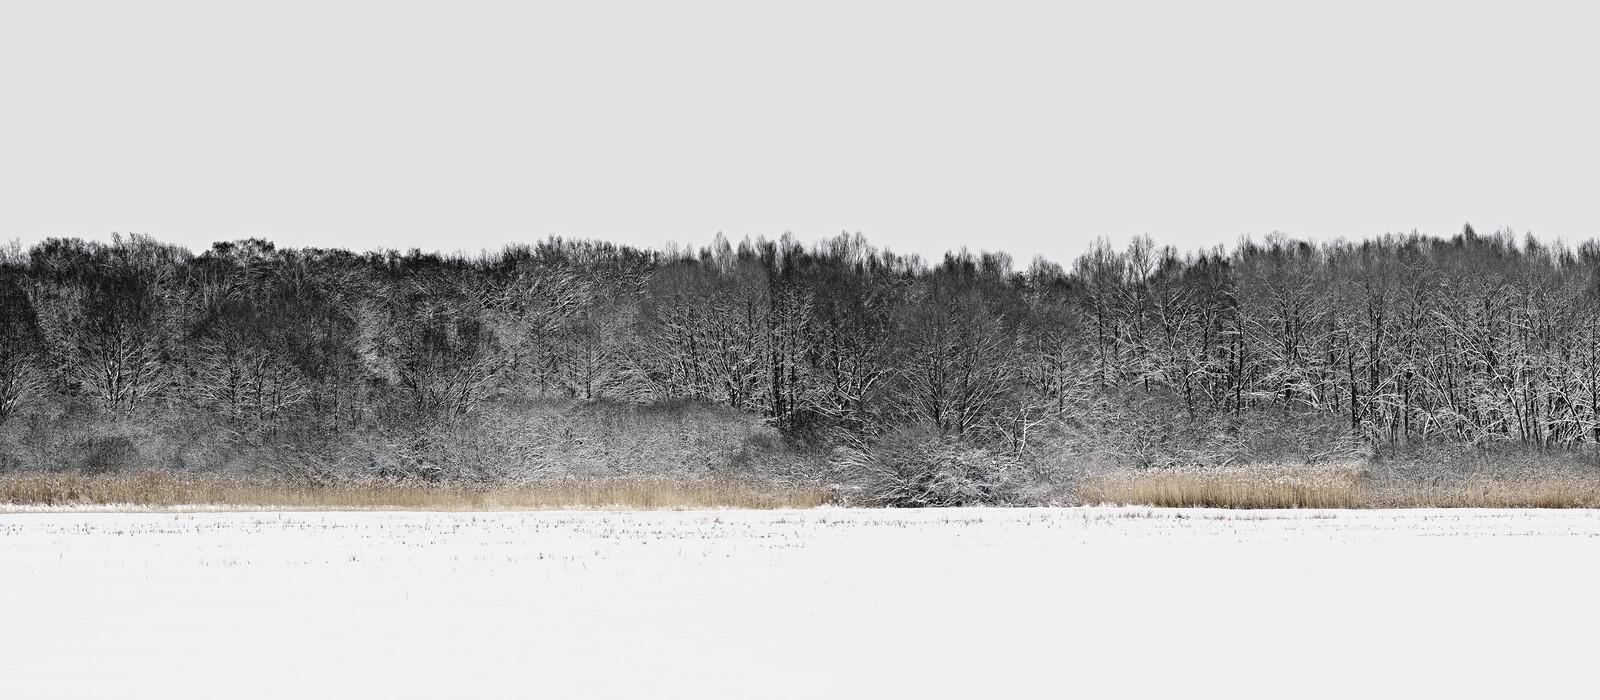 Forest 5 - Hartwig Klappert